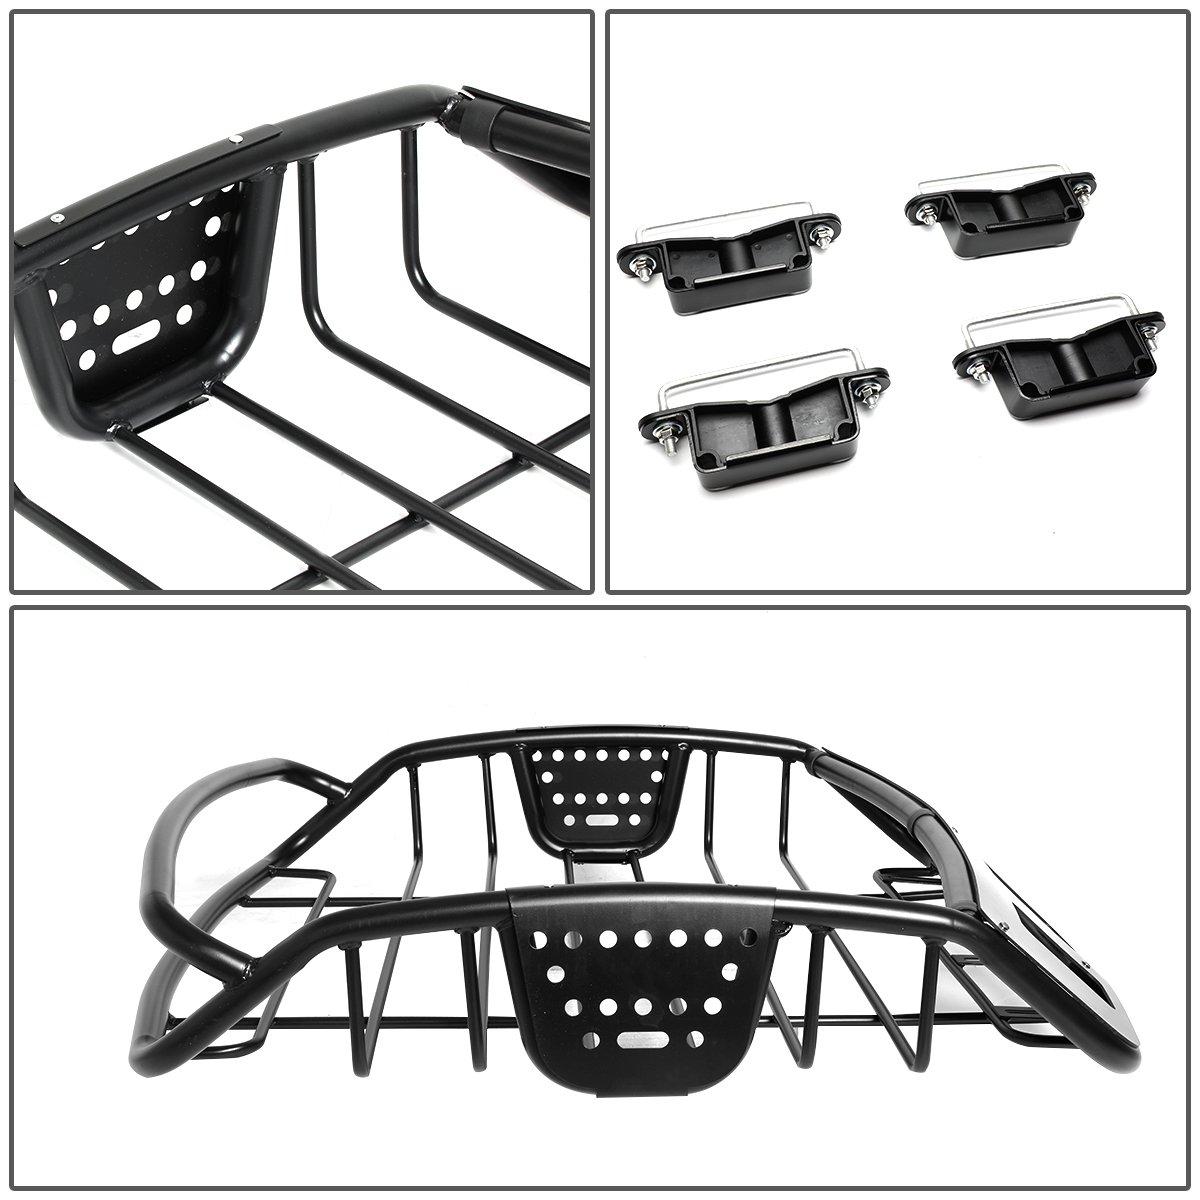 DNA MOTORING PT-ZTL-8059 Universal Adjustable Roof Cargo Basket Luggage Carrier